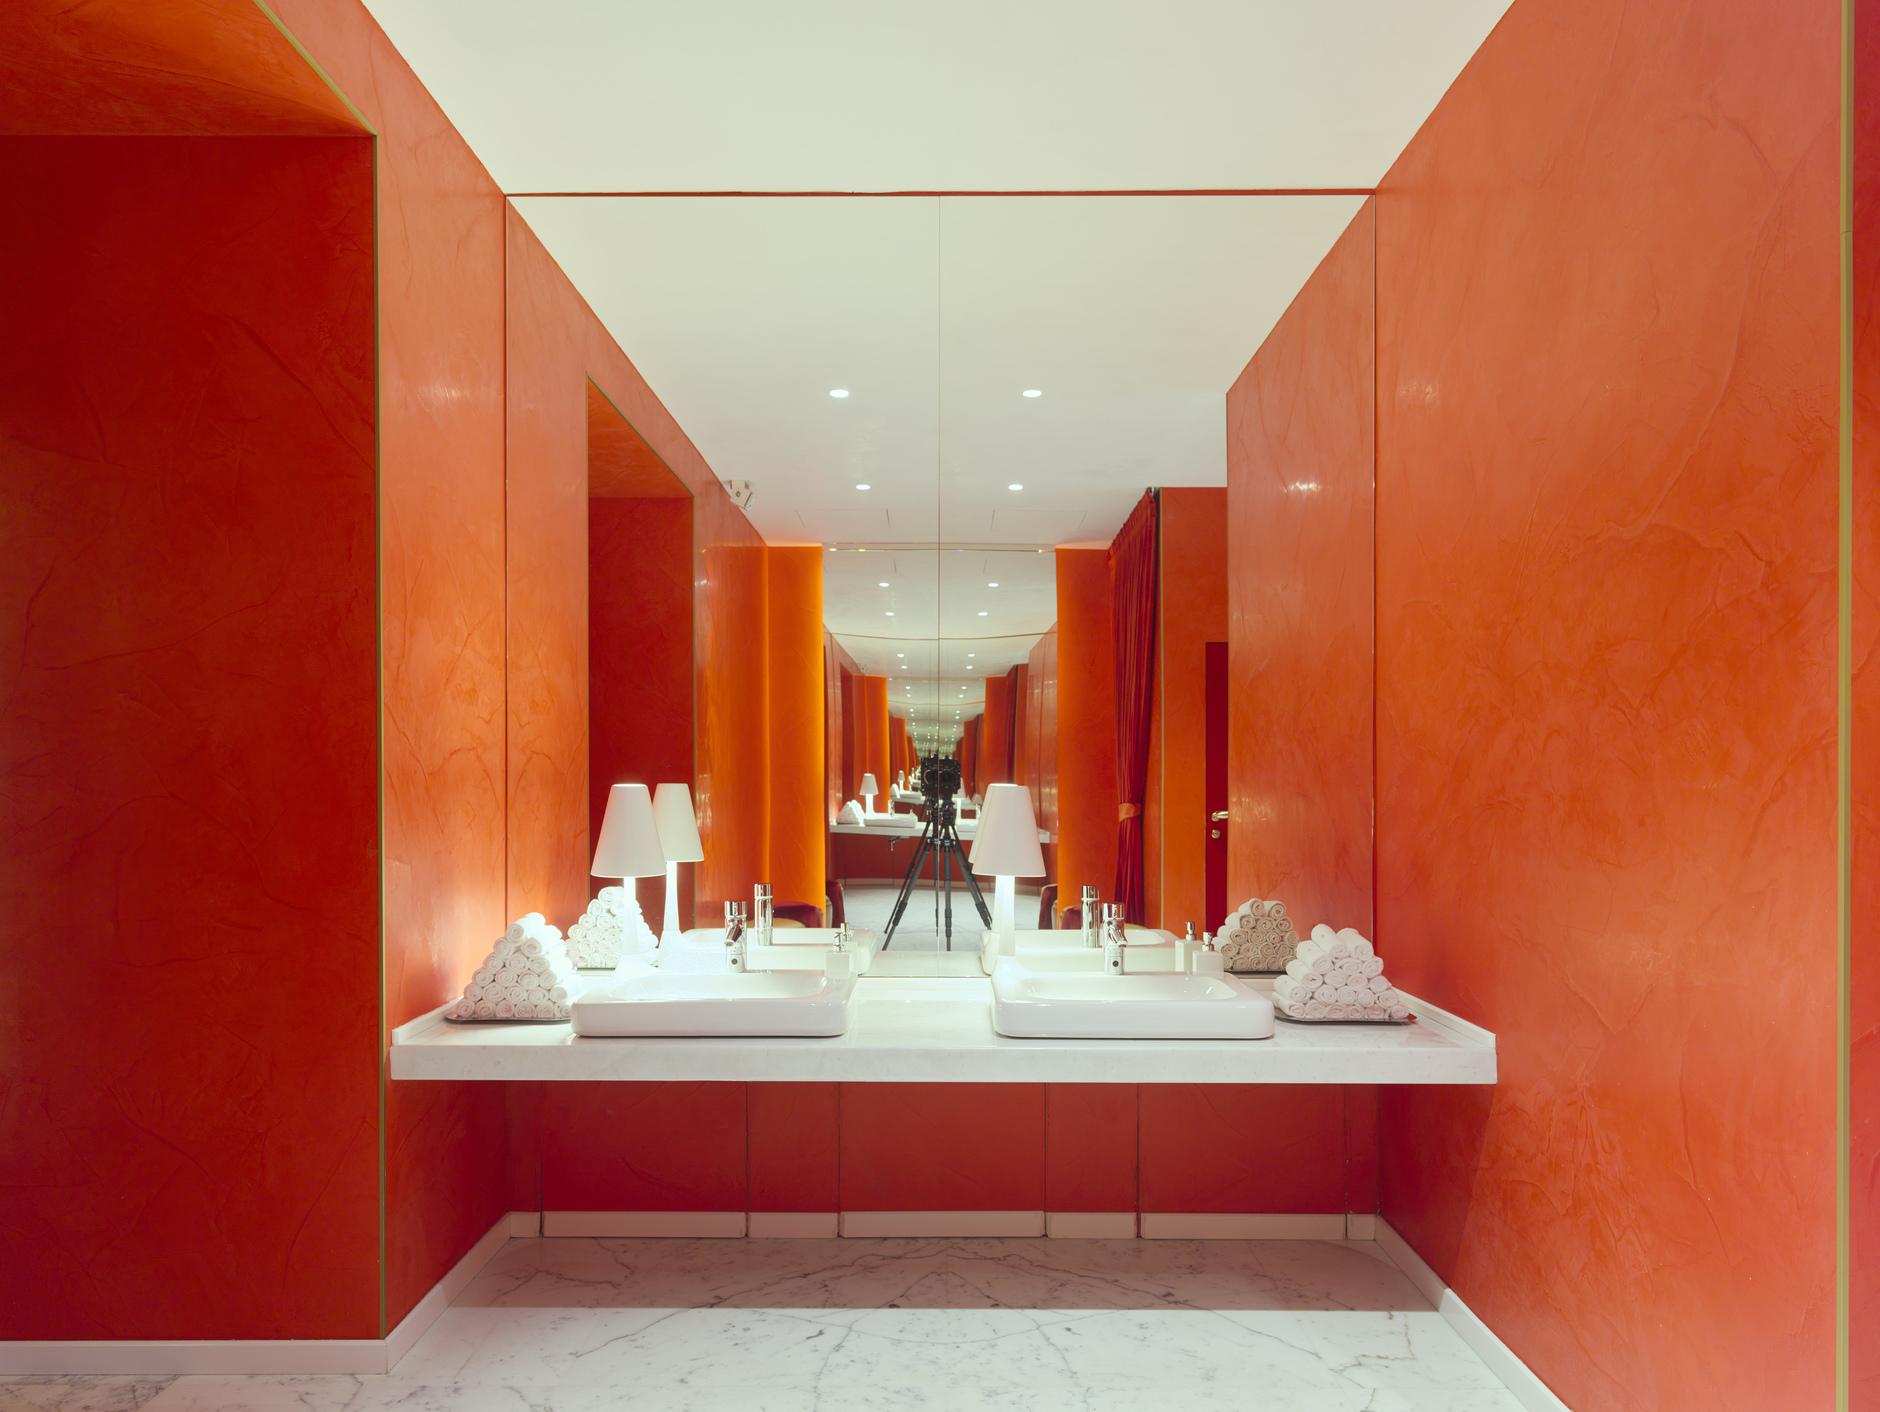 Рикардо Бофилл: самый известный архитектор постмодернизма (галерея 39, фото 5)